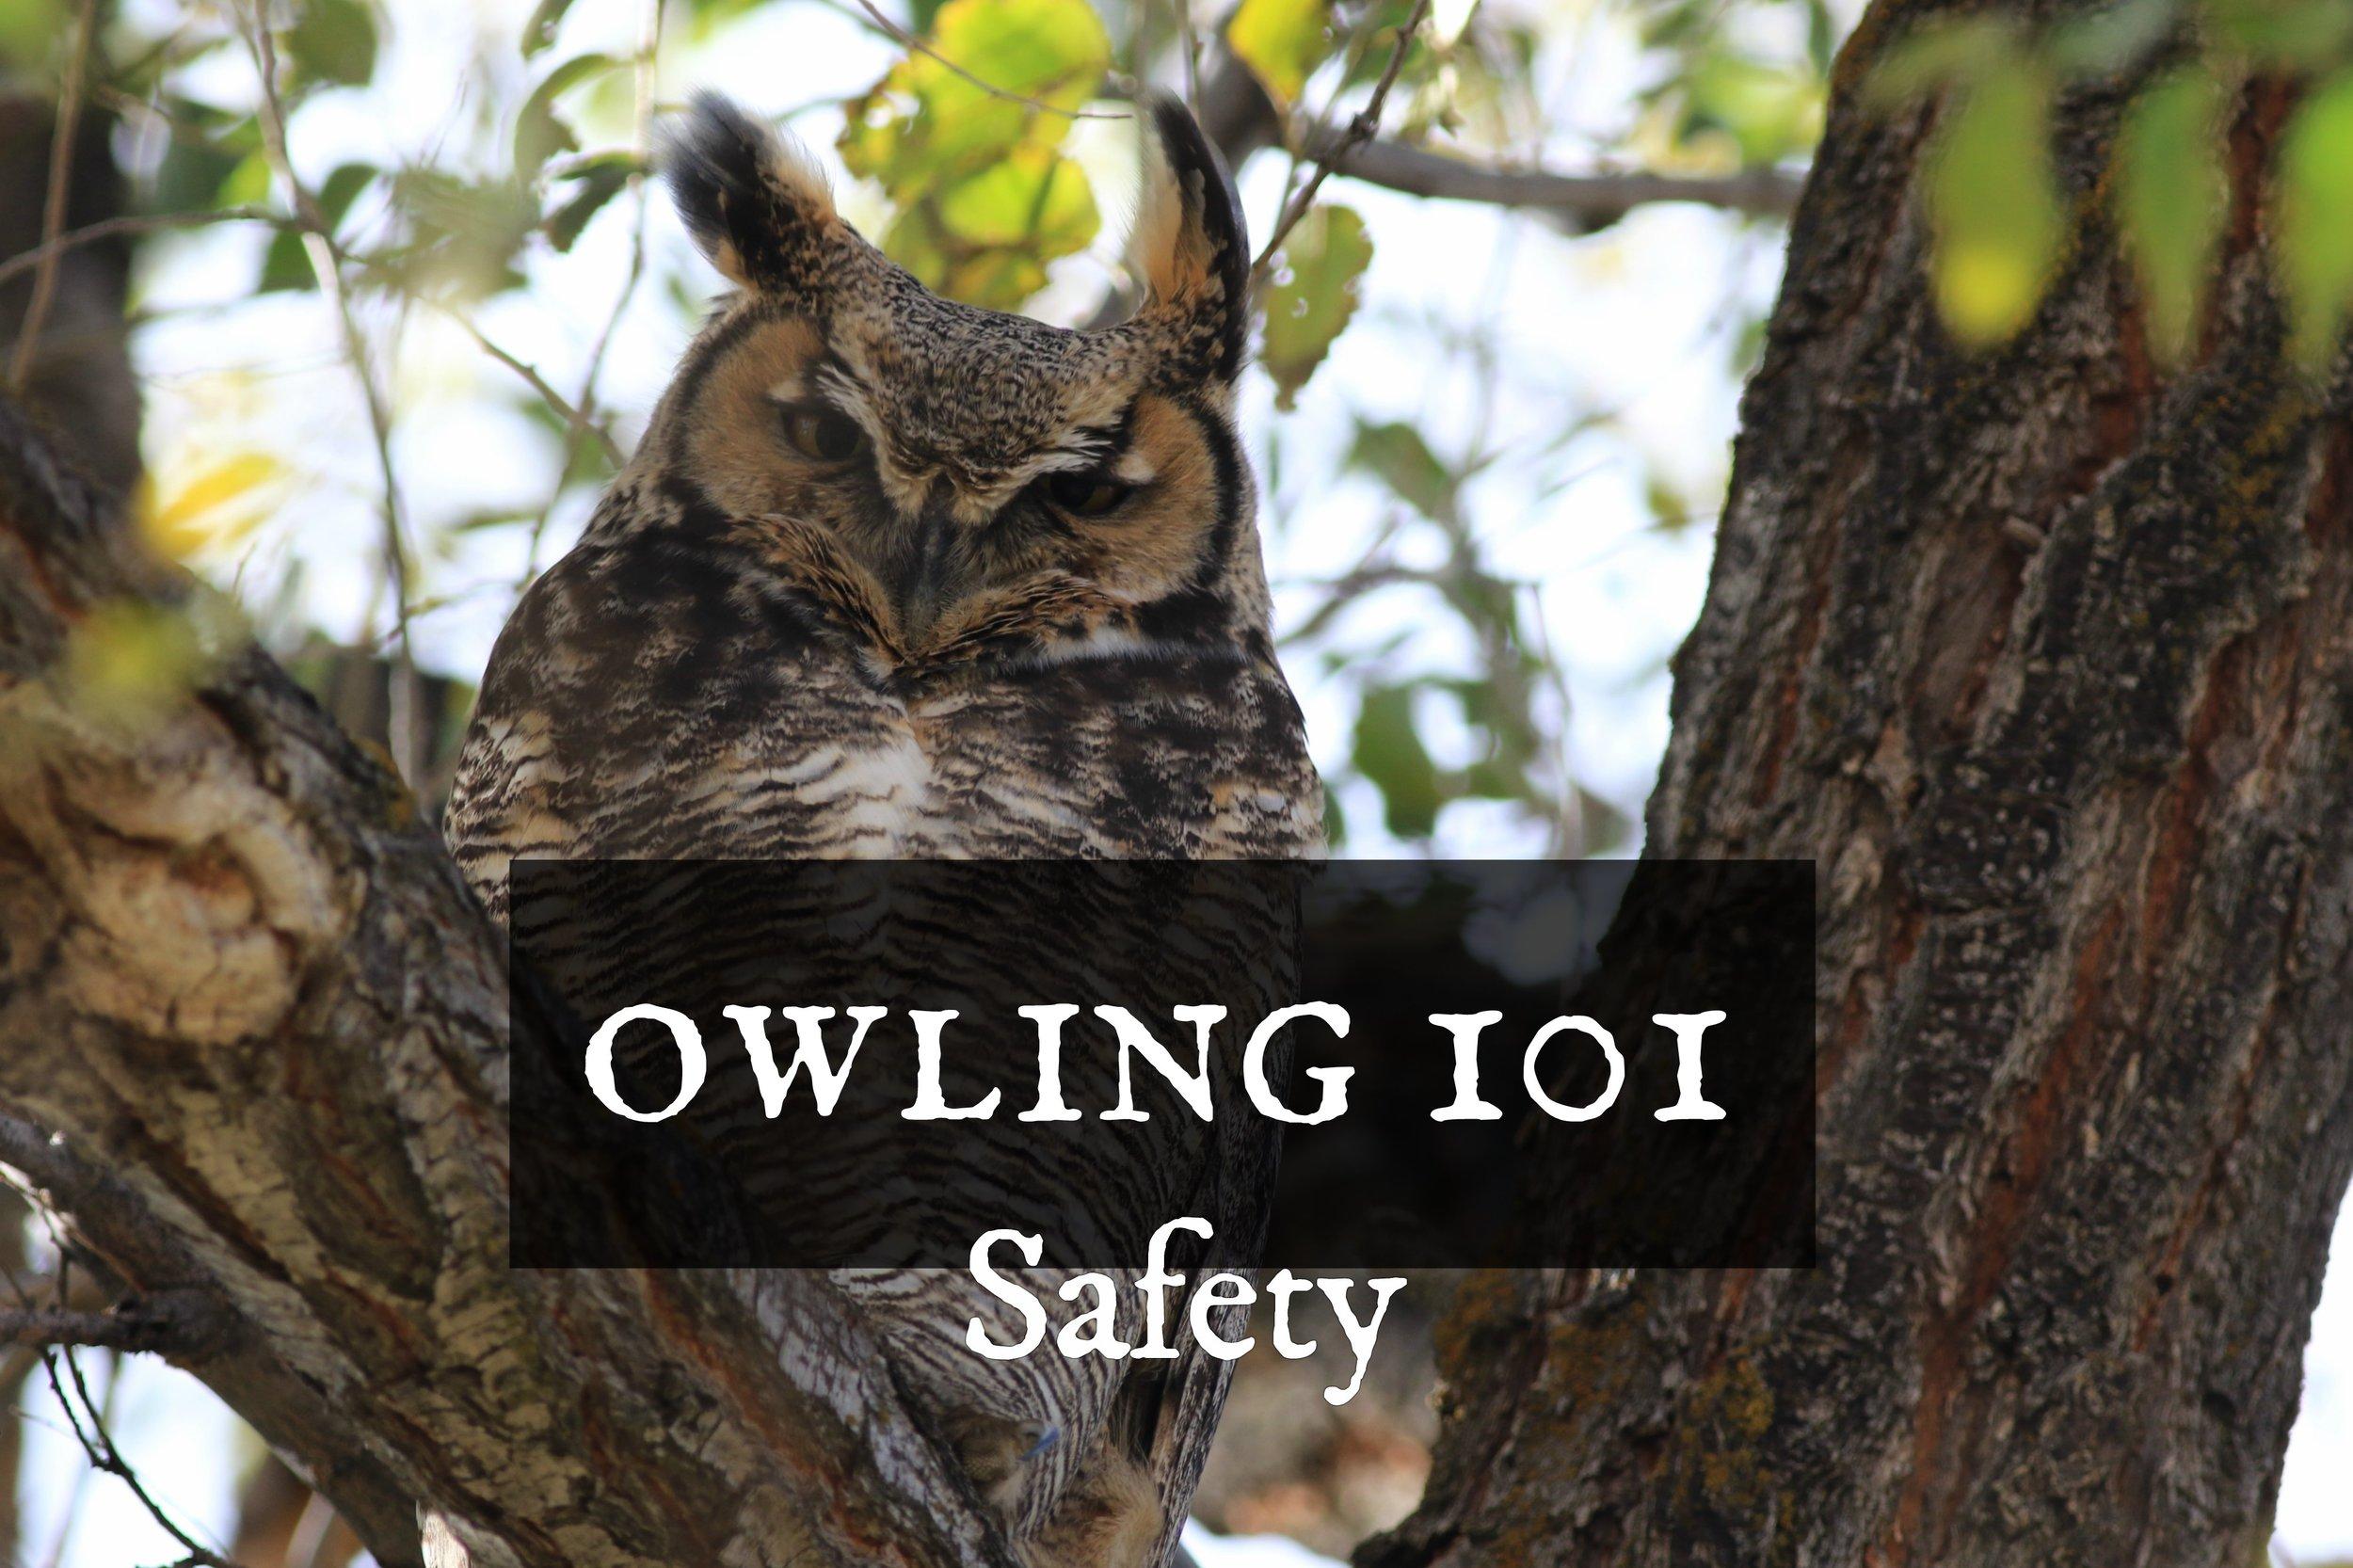 owling101-safety.jpg